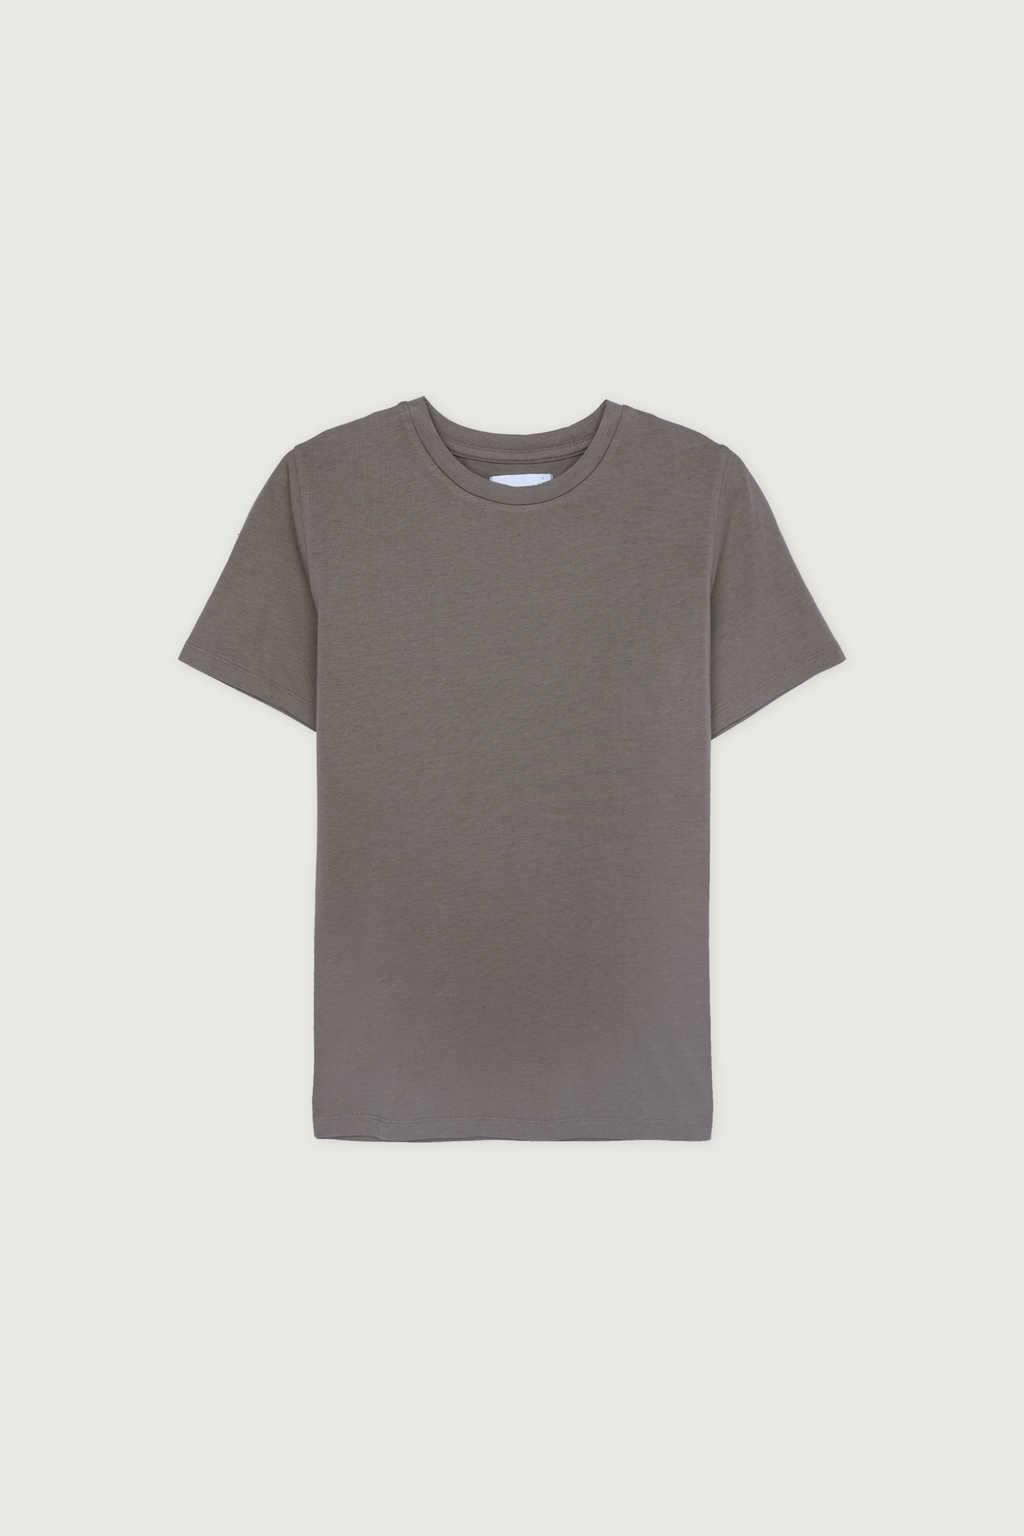 TShirt 3343 Gray 7